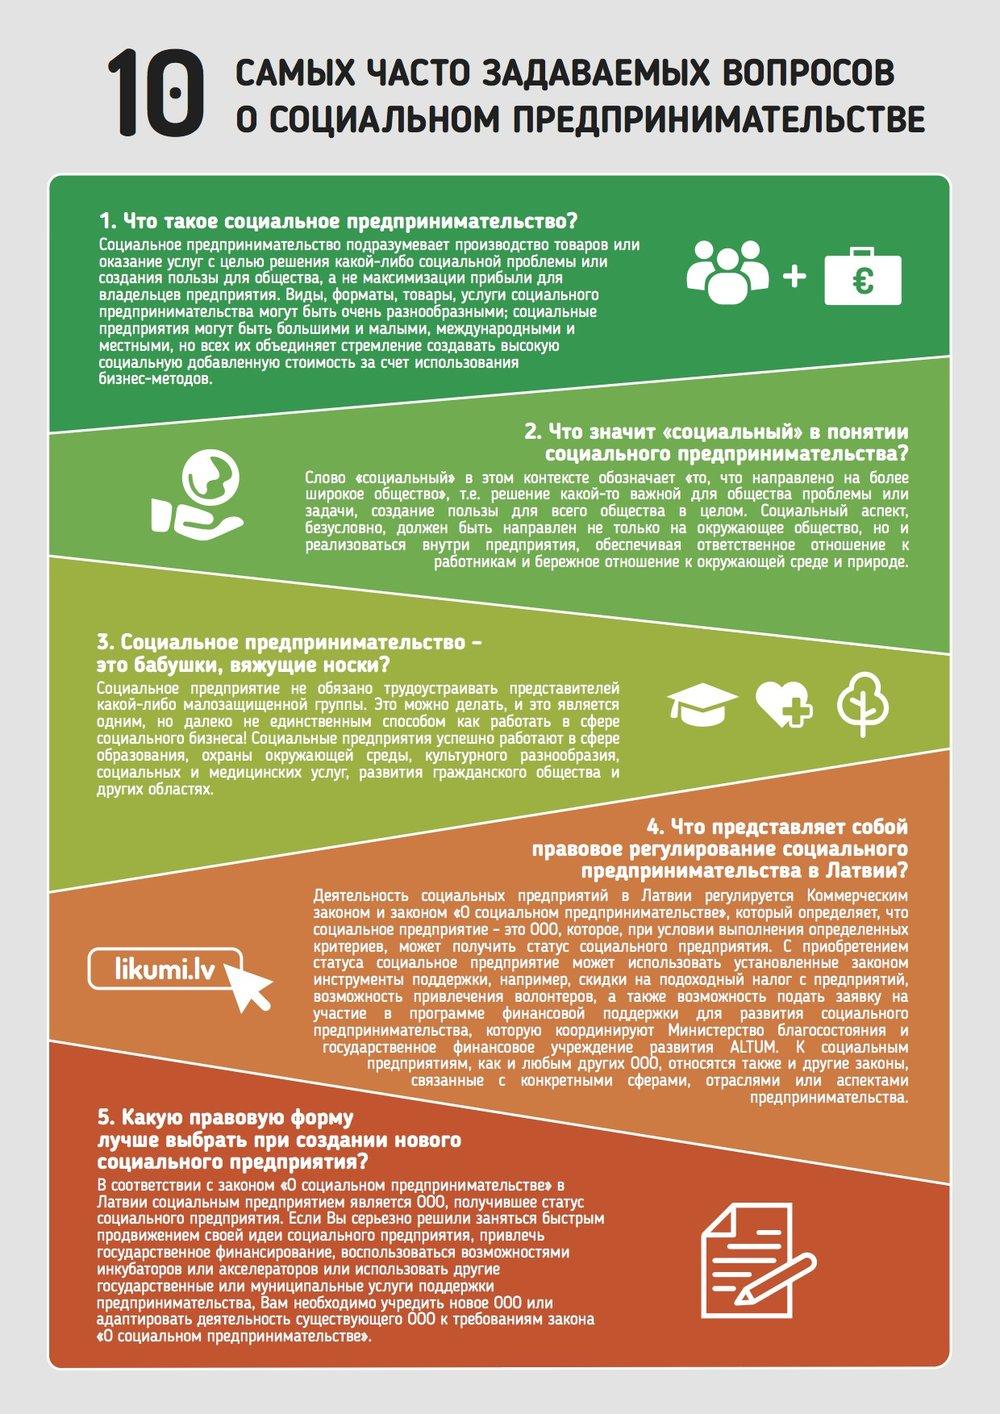 10_jautājumi_SUA_rus_01.jpg